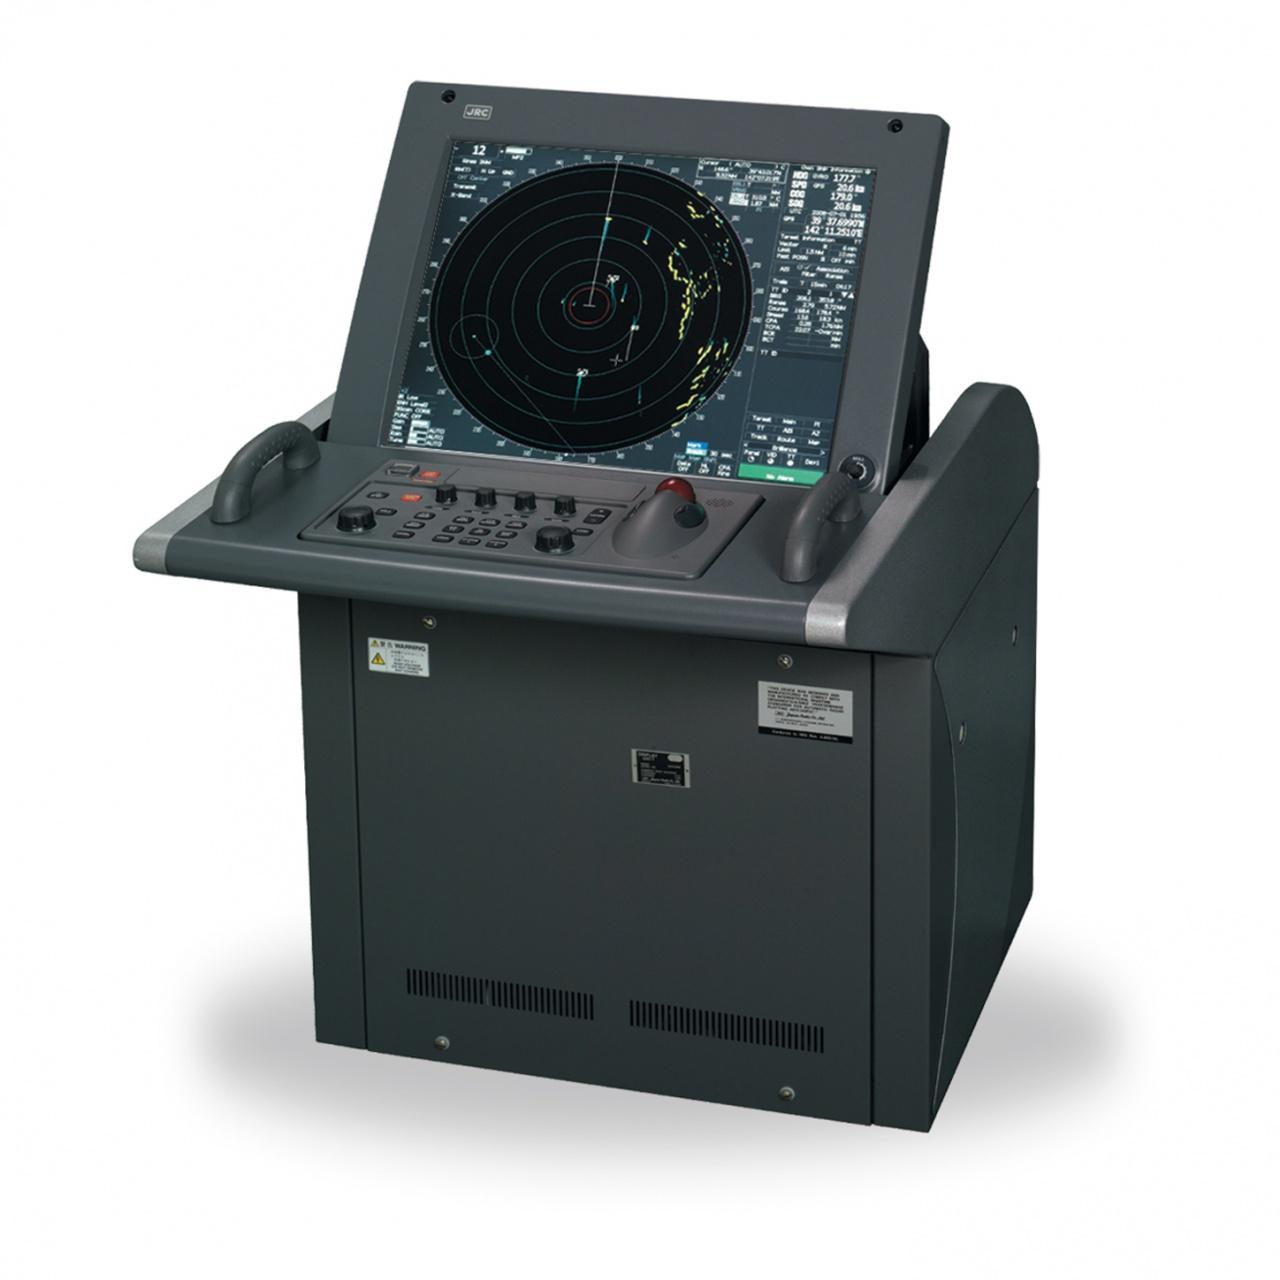 JMA-9100 Image